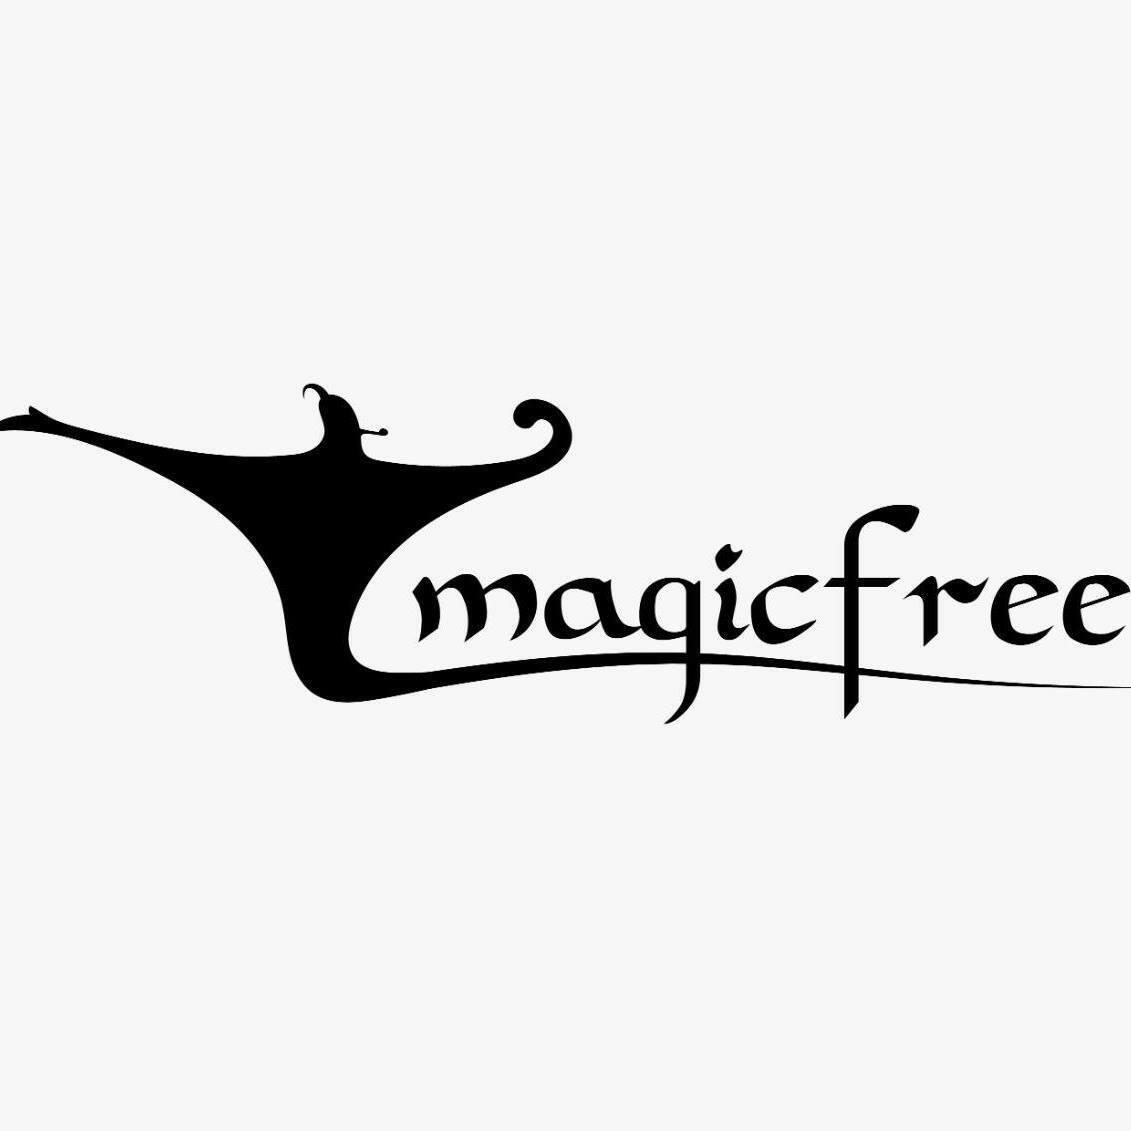 magicfreeshop.com